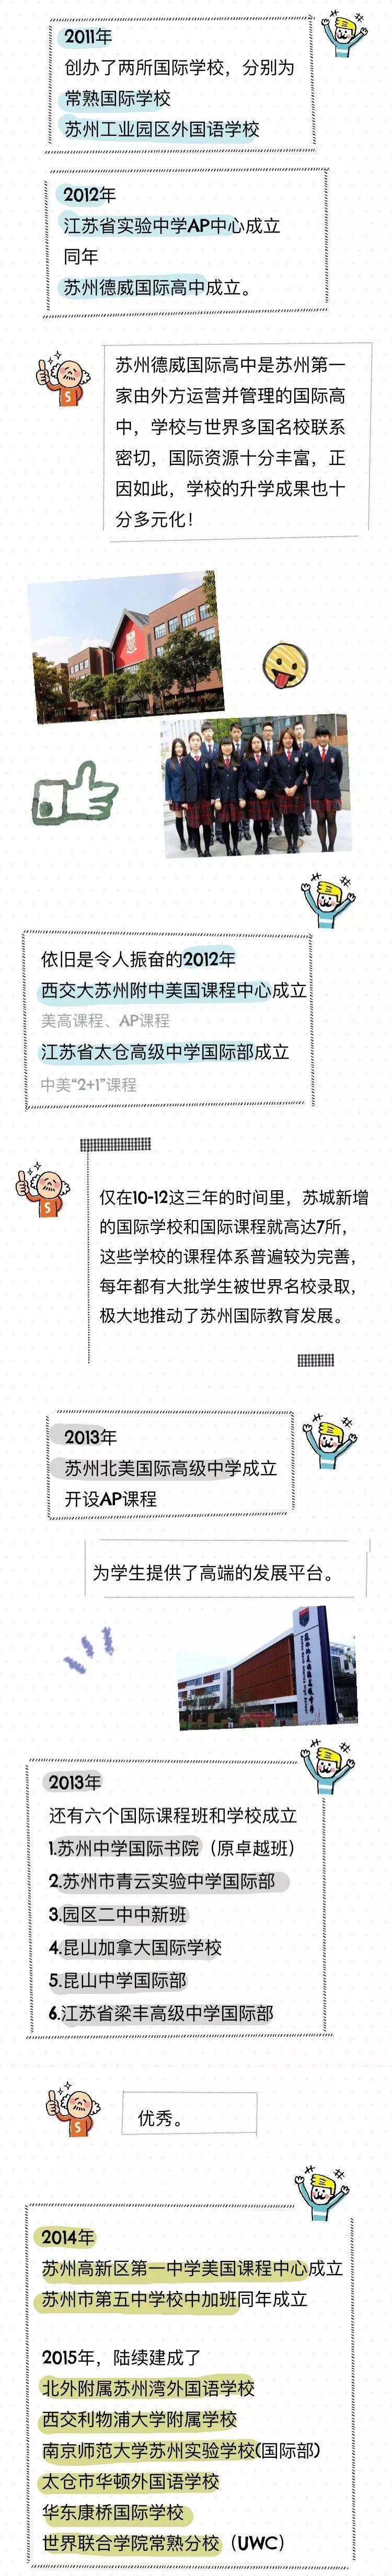 苏州国际学校发展史